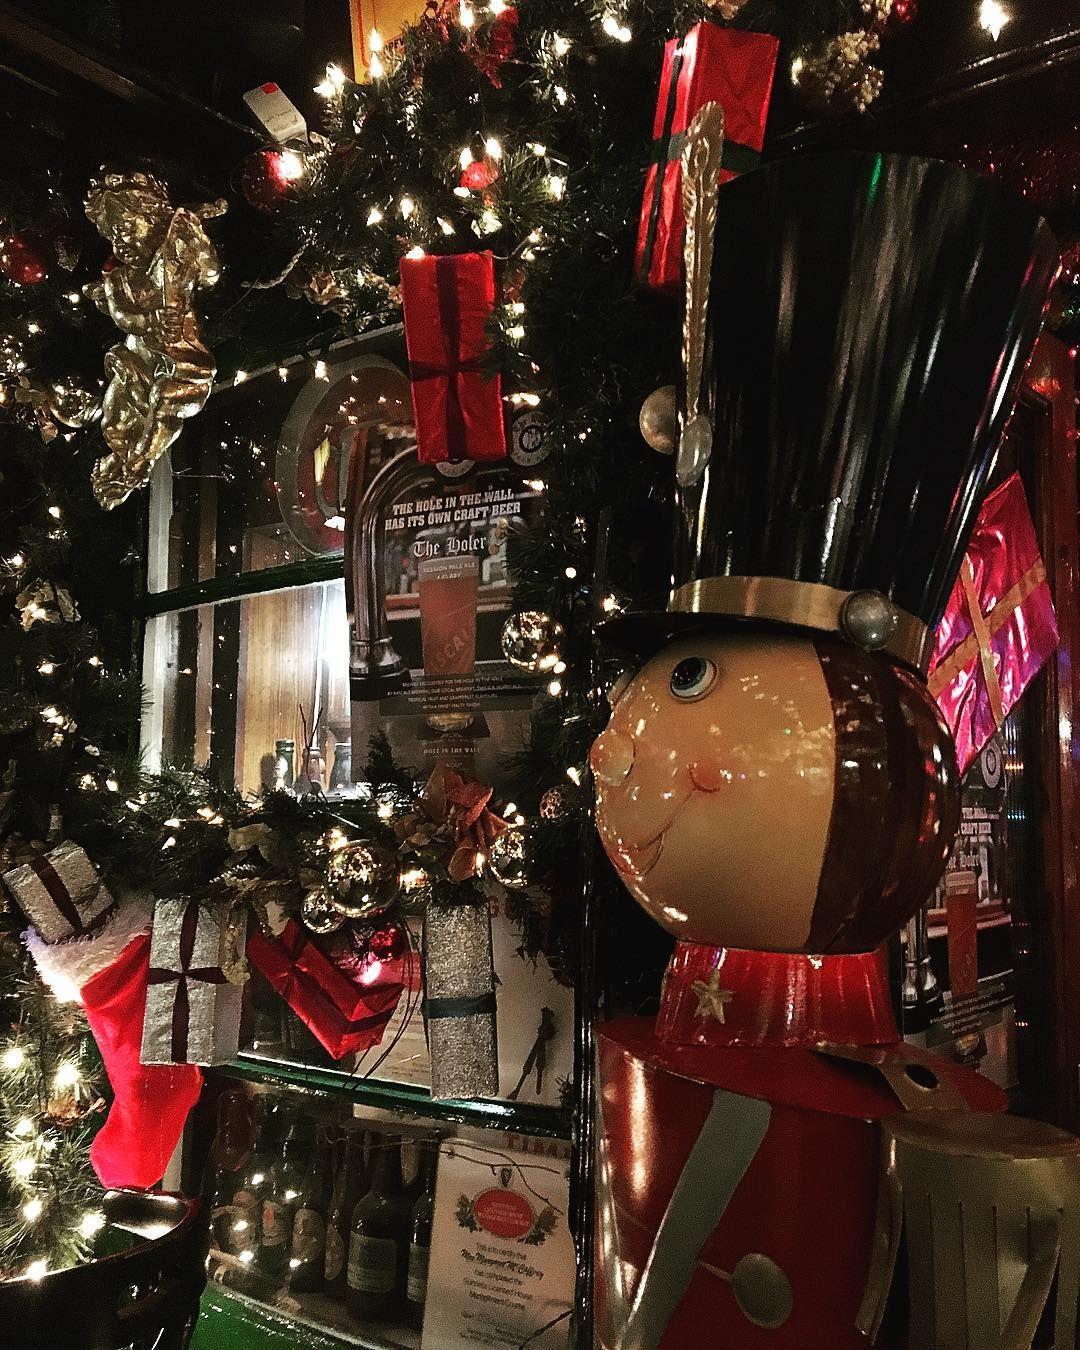 Iconic Dublin Christmas decor @holeinthewalldublin  #christmas #instagood #potd #instadaily #thenutcracker #dublin